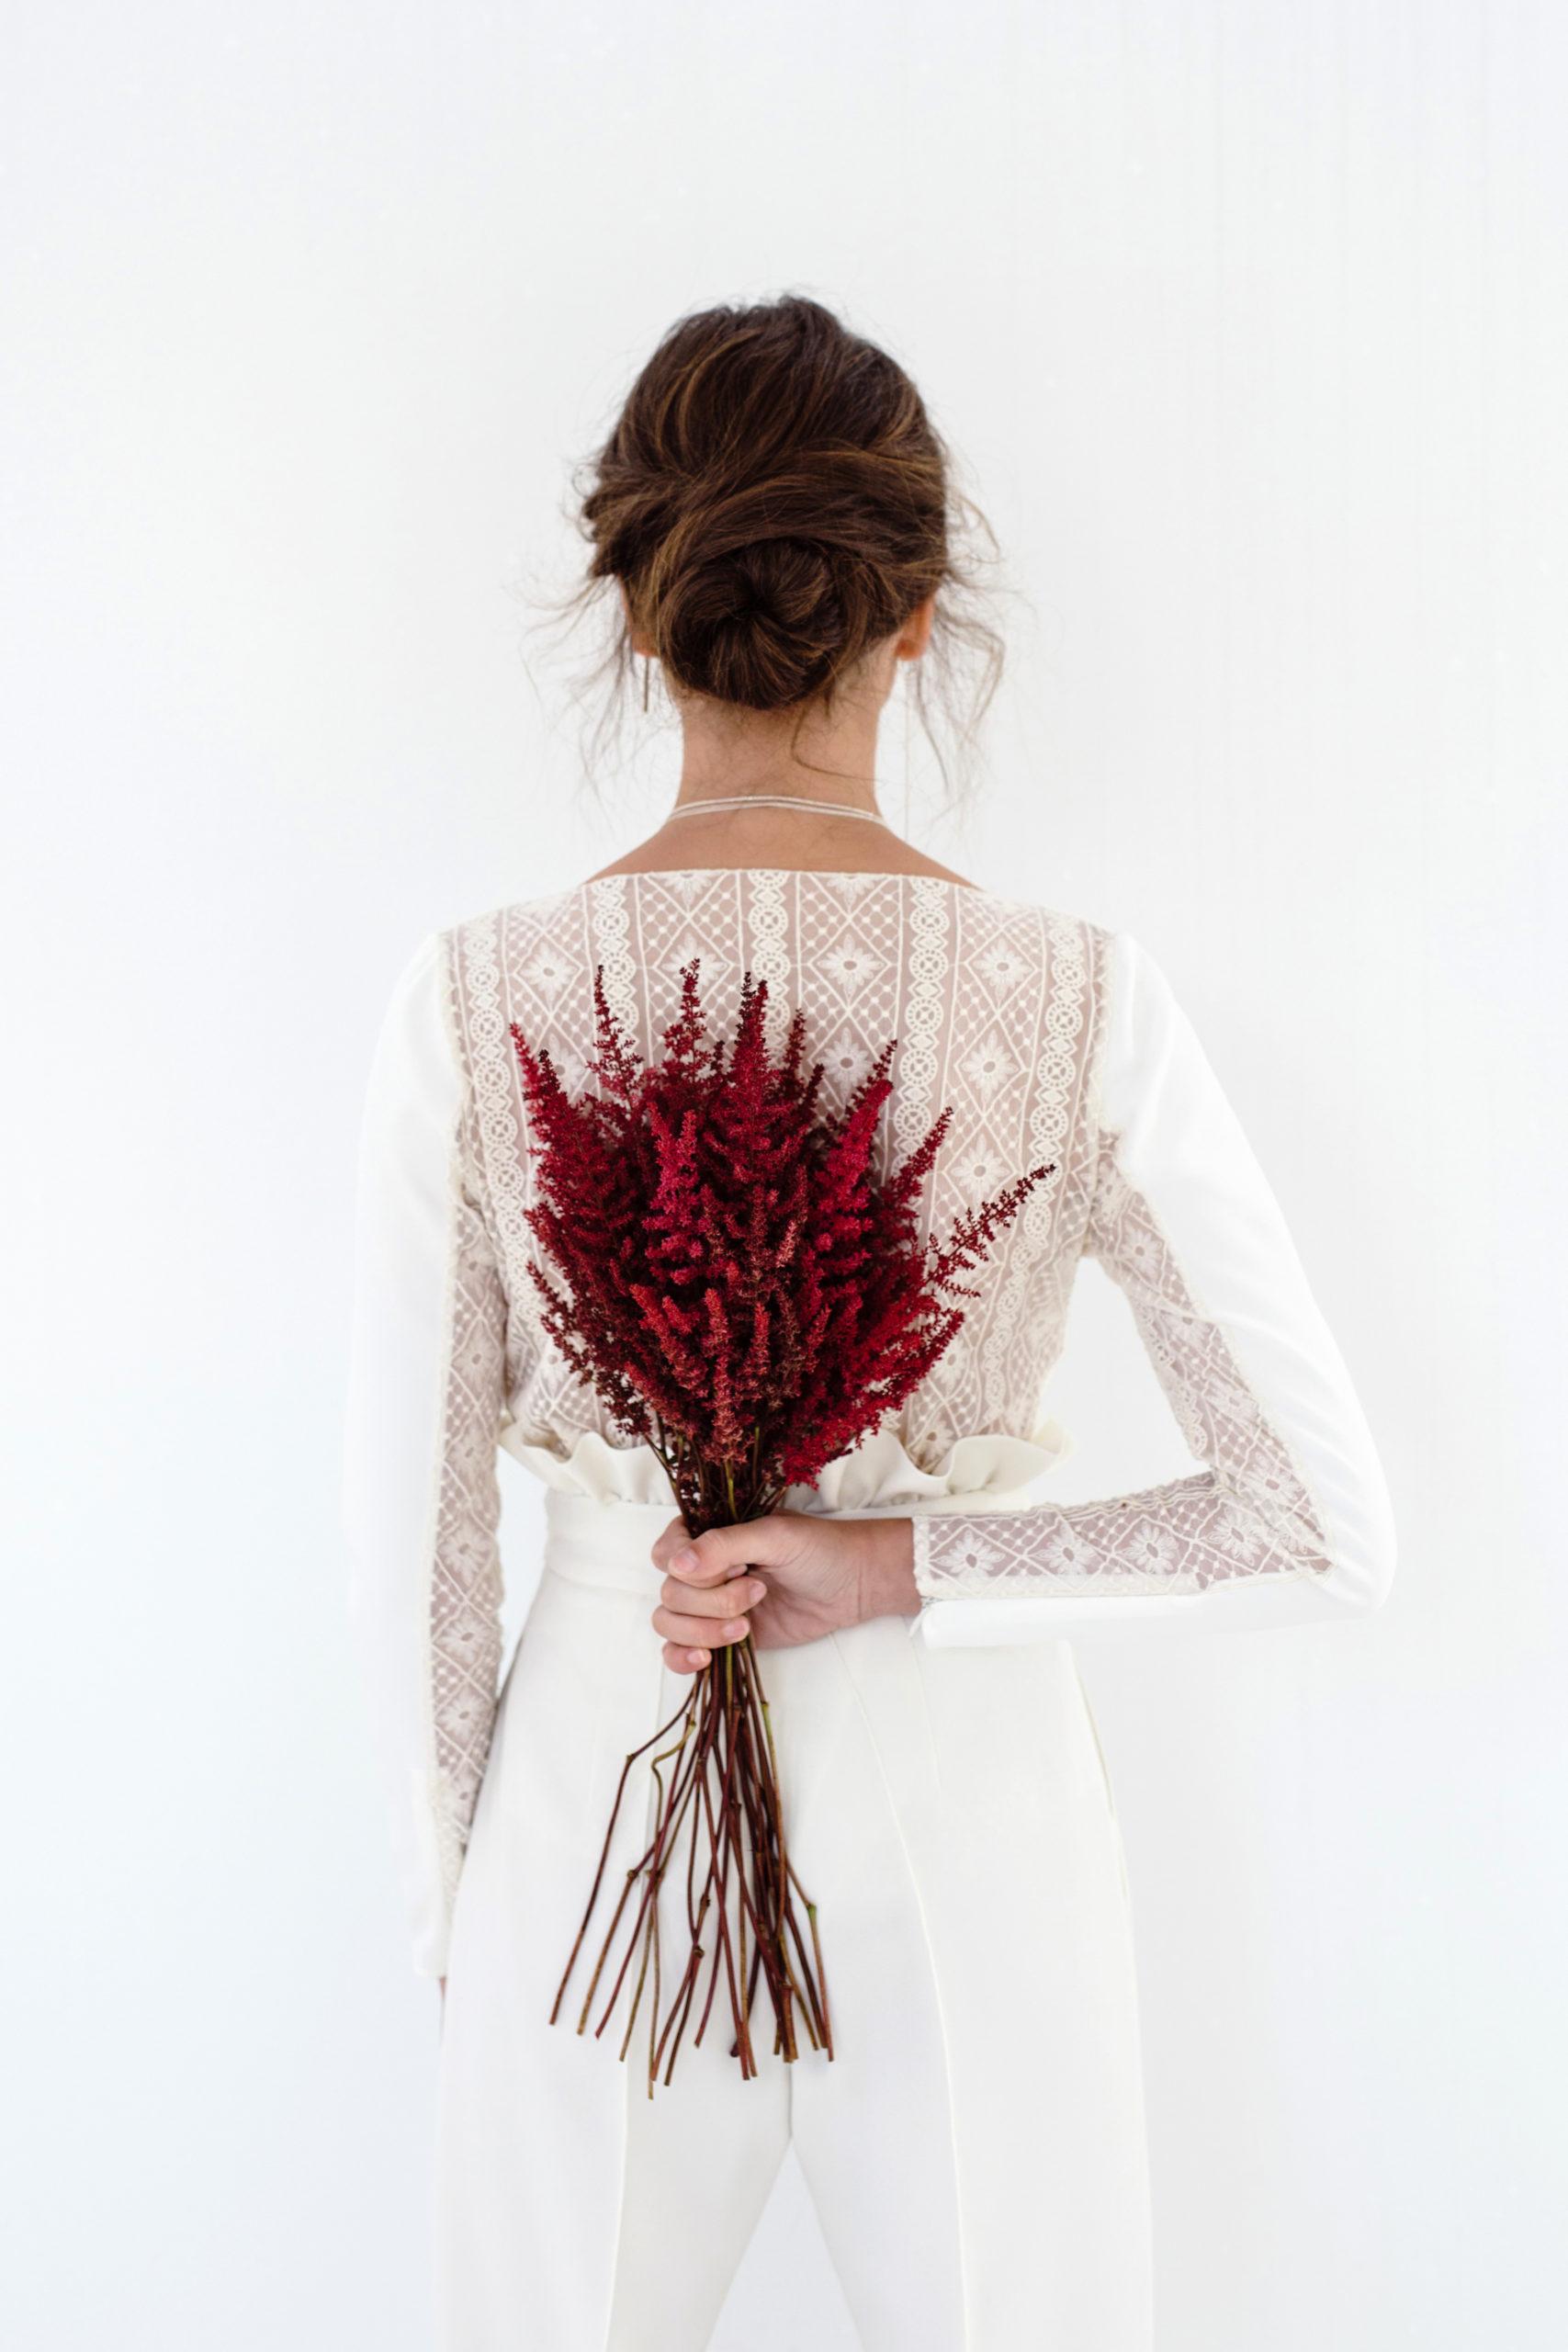 Vestido de novia hecho a medida en A Coruña. Body escote pico, manga larga realizado en crepe, con espalda e interior de las mangas en gasa bordada.